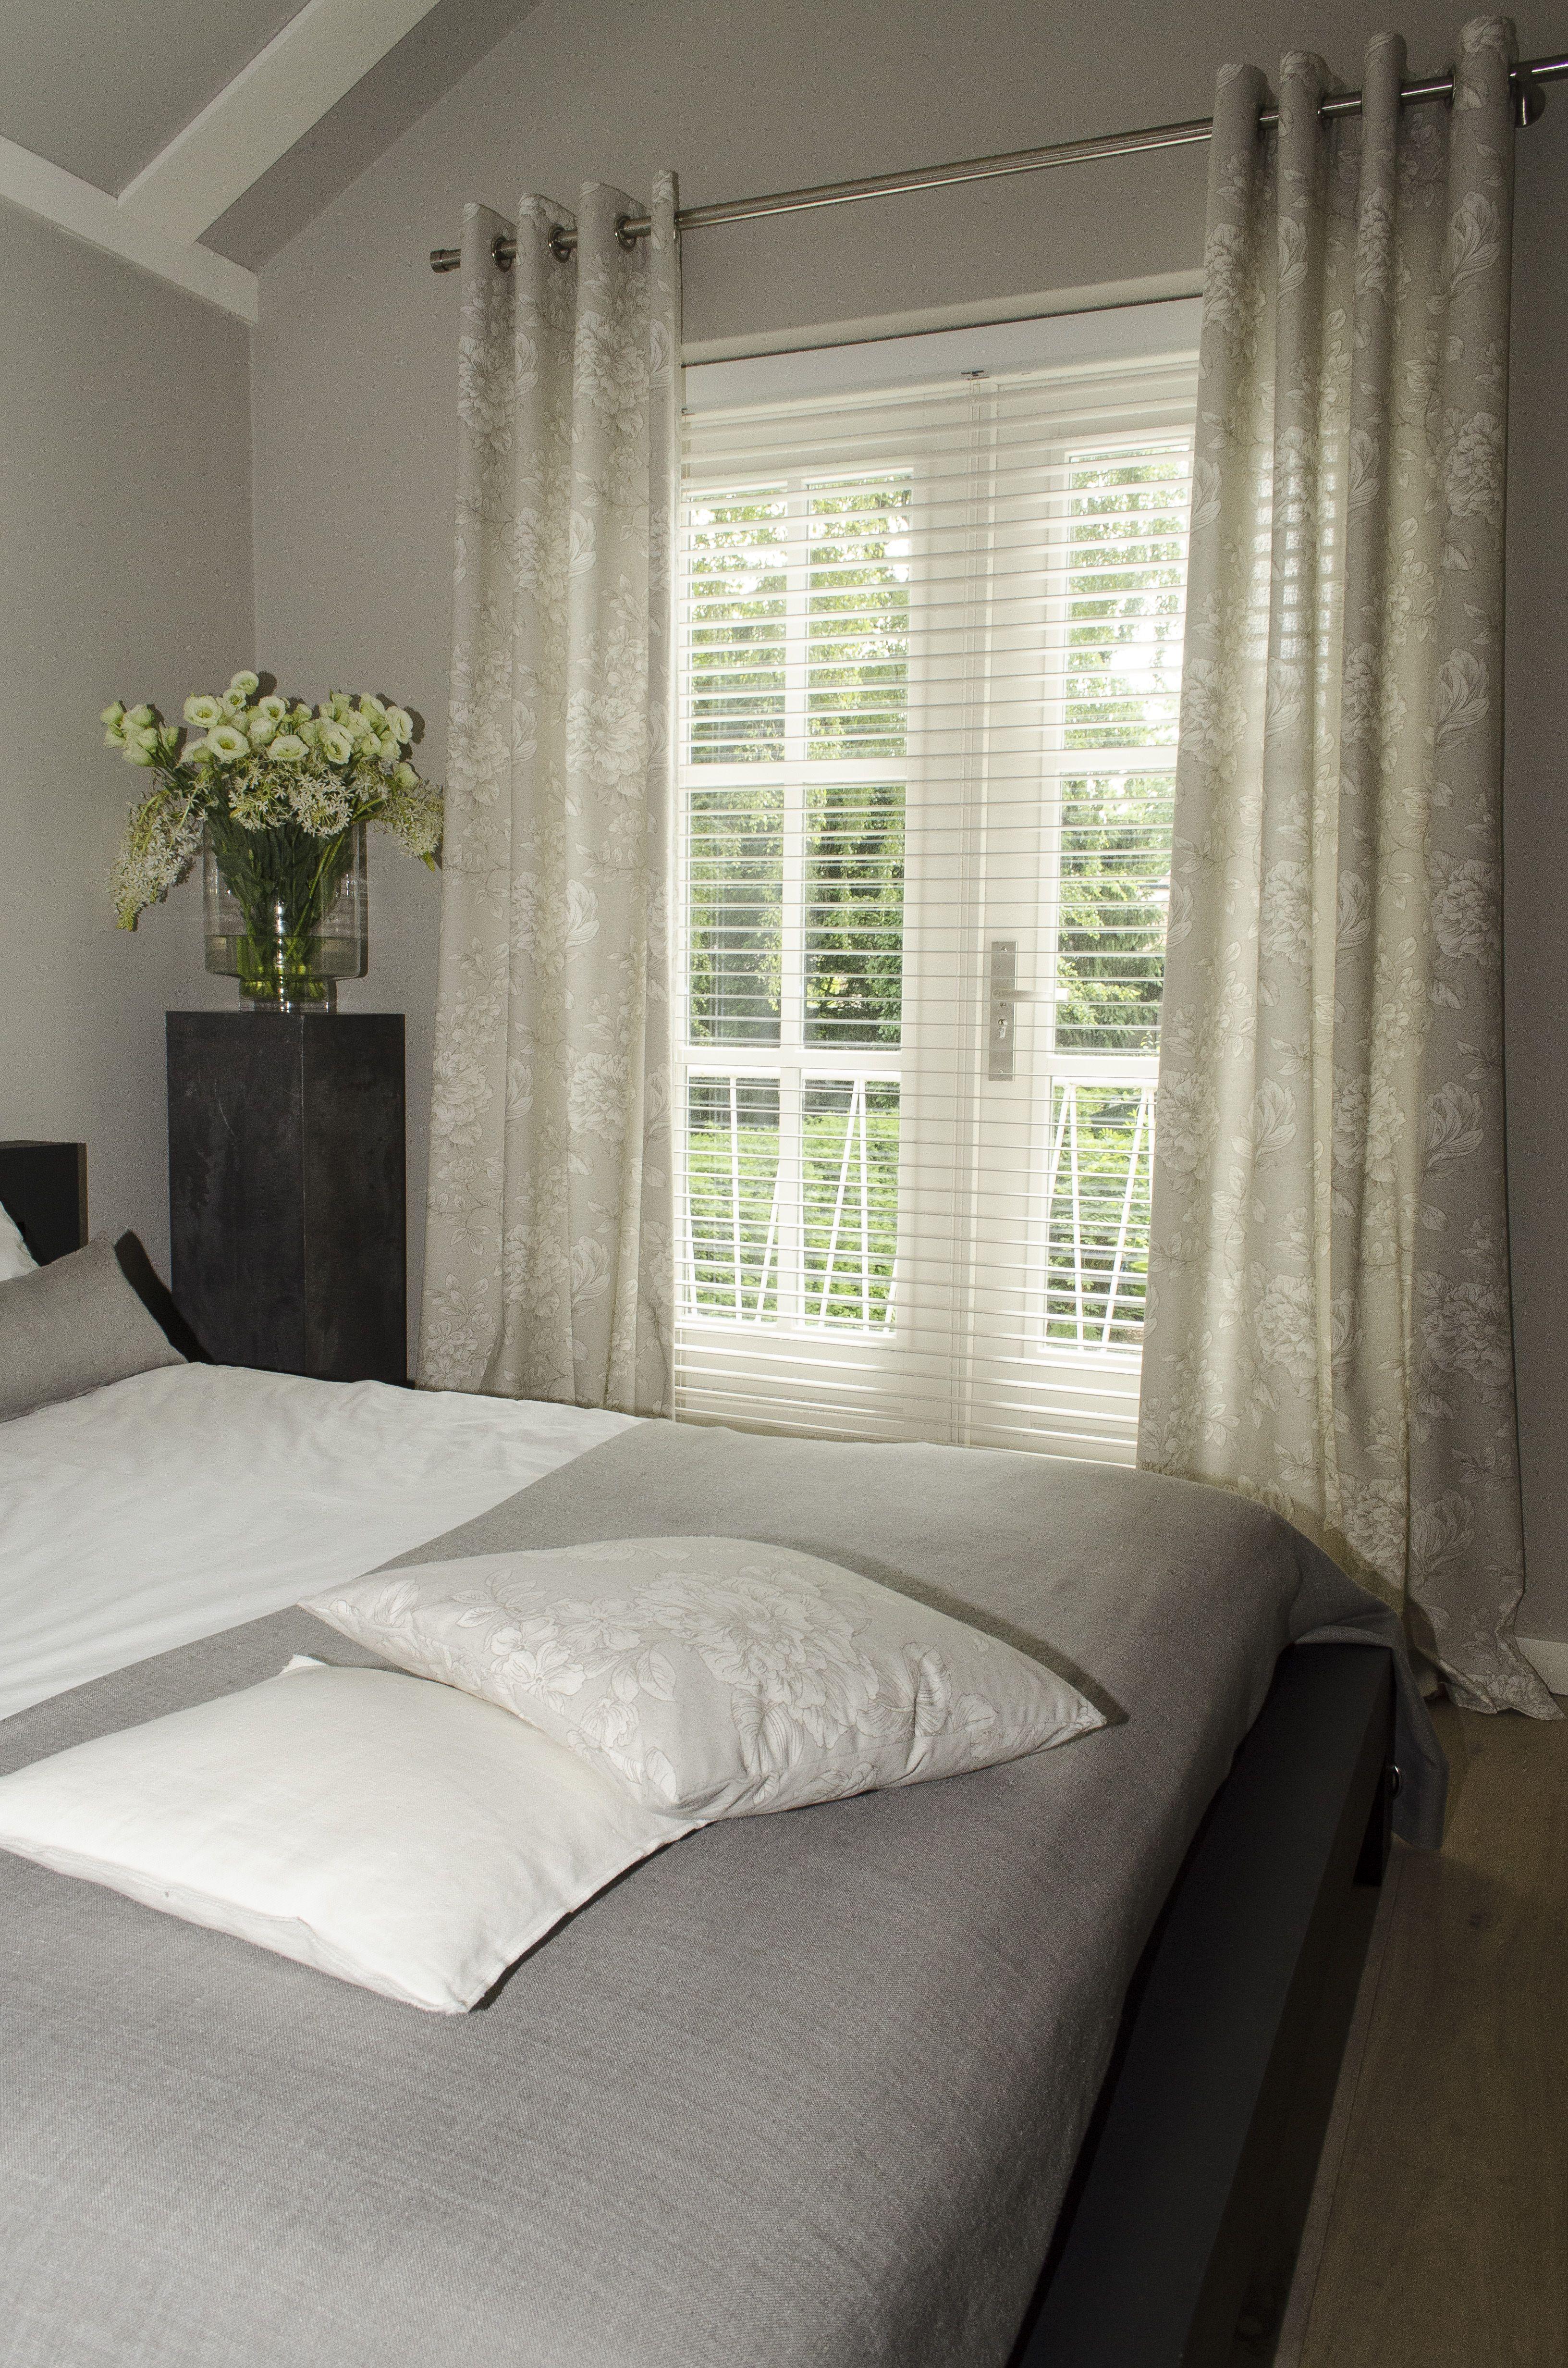 Leuke gordijnen voor je slaapkamer. Stoere stof met bloemen motief ...